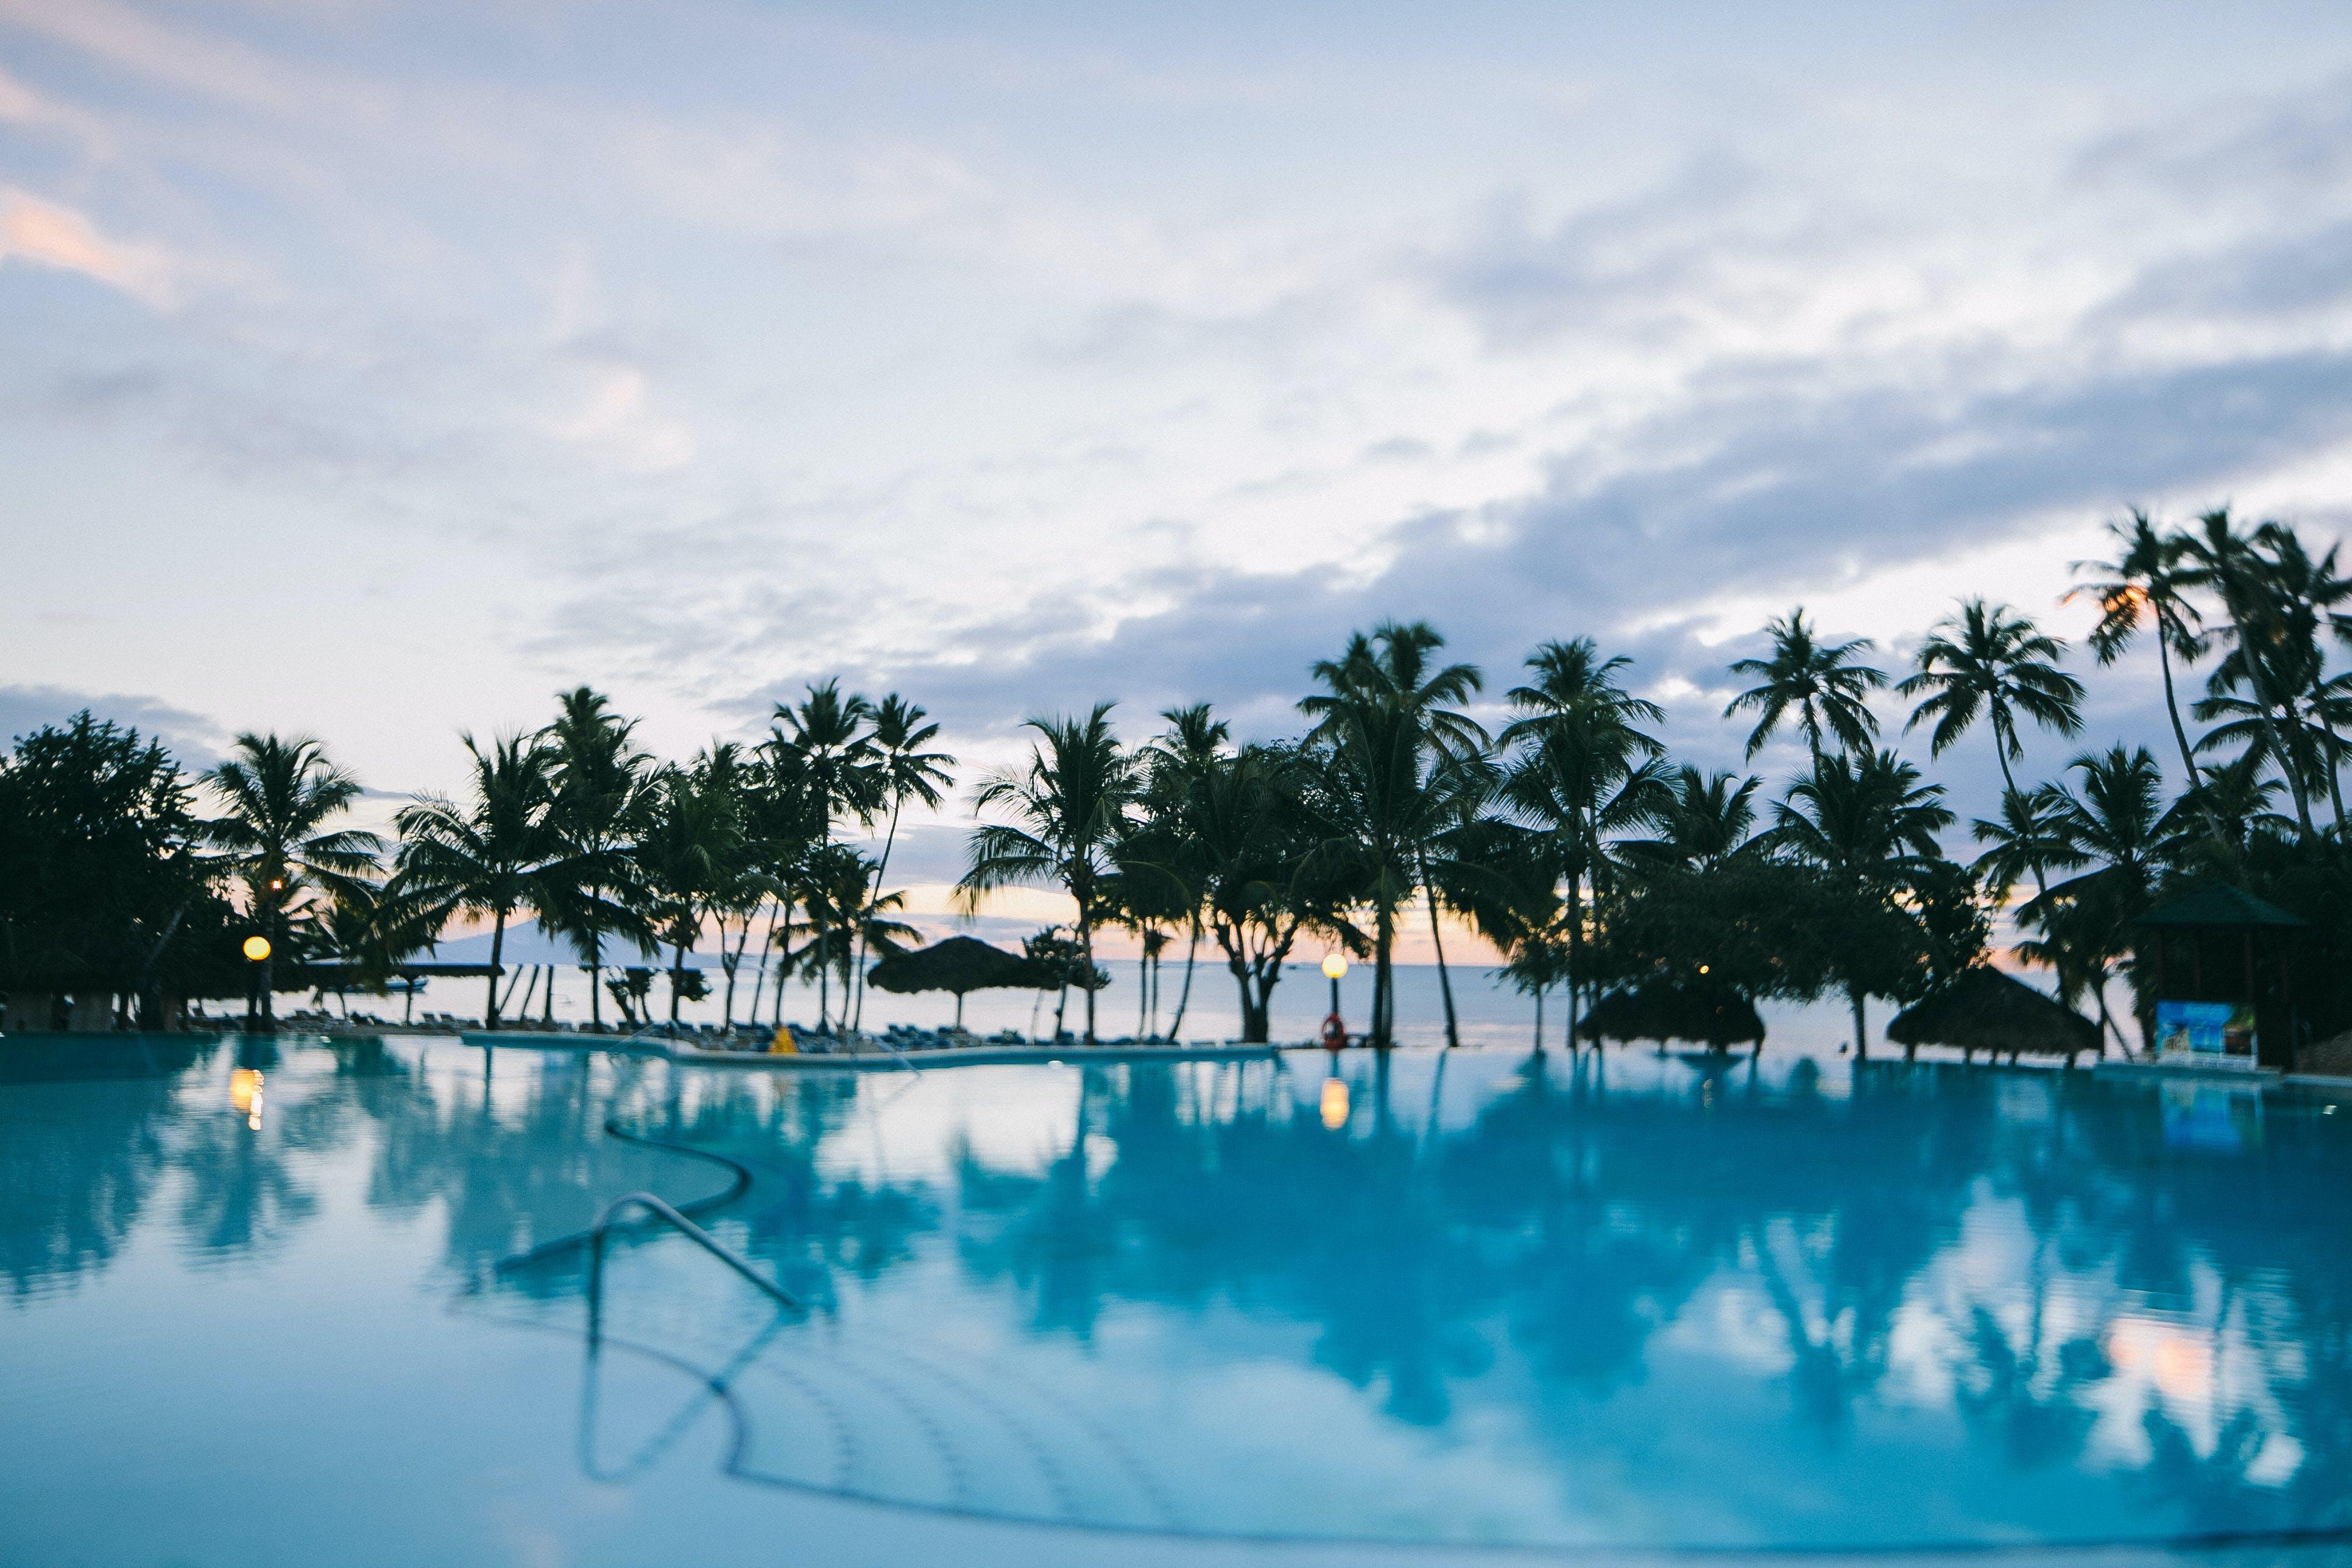 Základová fotografie zdarma na téma kokosové palmy, letovisko, palmy, plavecký bazén